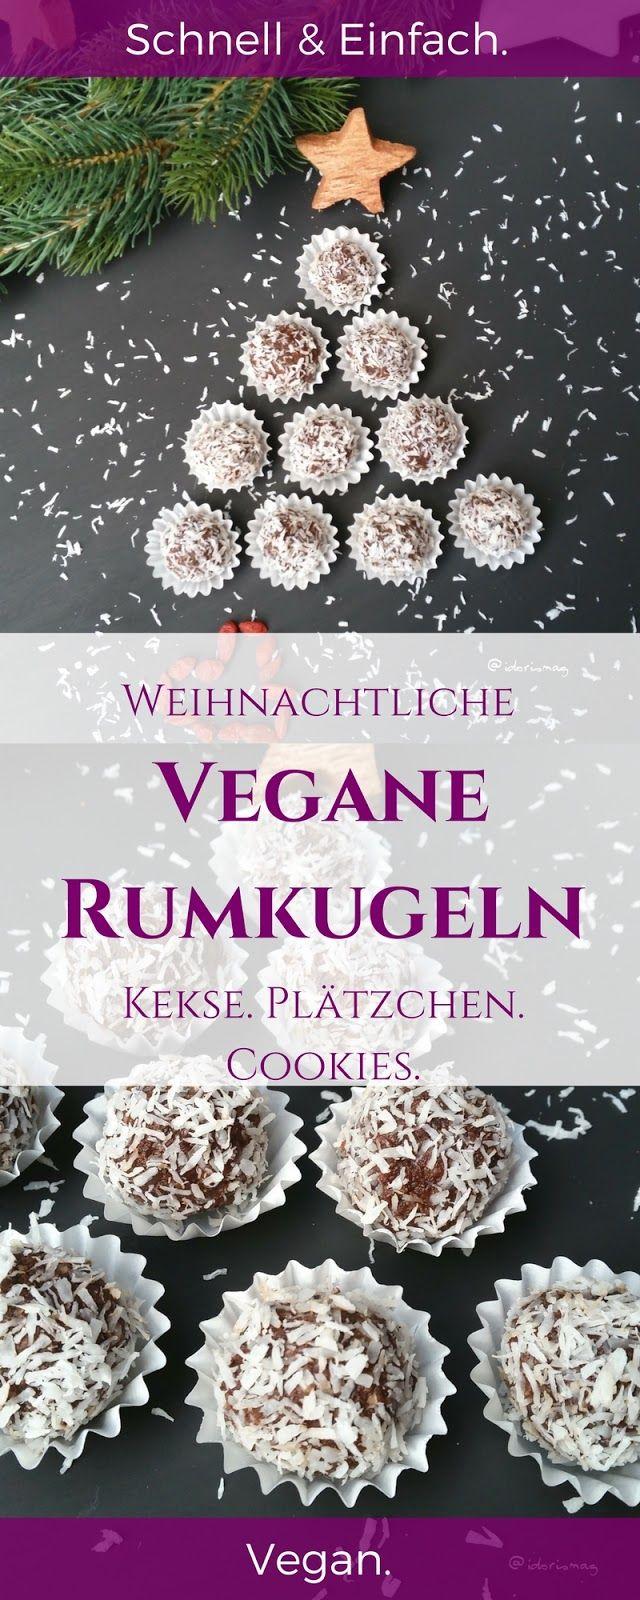 iDorisMag - Schnell & Einfach Vegan! Vegane Rezepte mit einfachen Zutaten. Vegan backen ist wirklich einfach - mit schnellen und einfachen Rezepten.